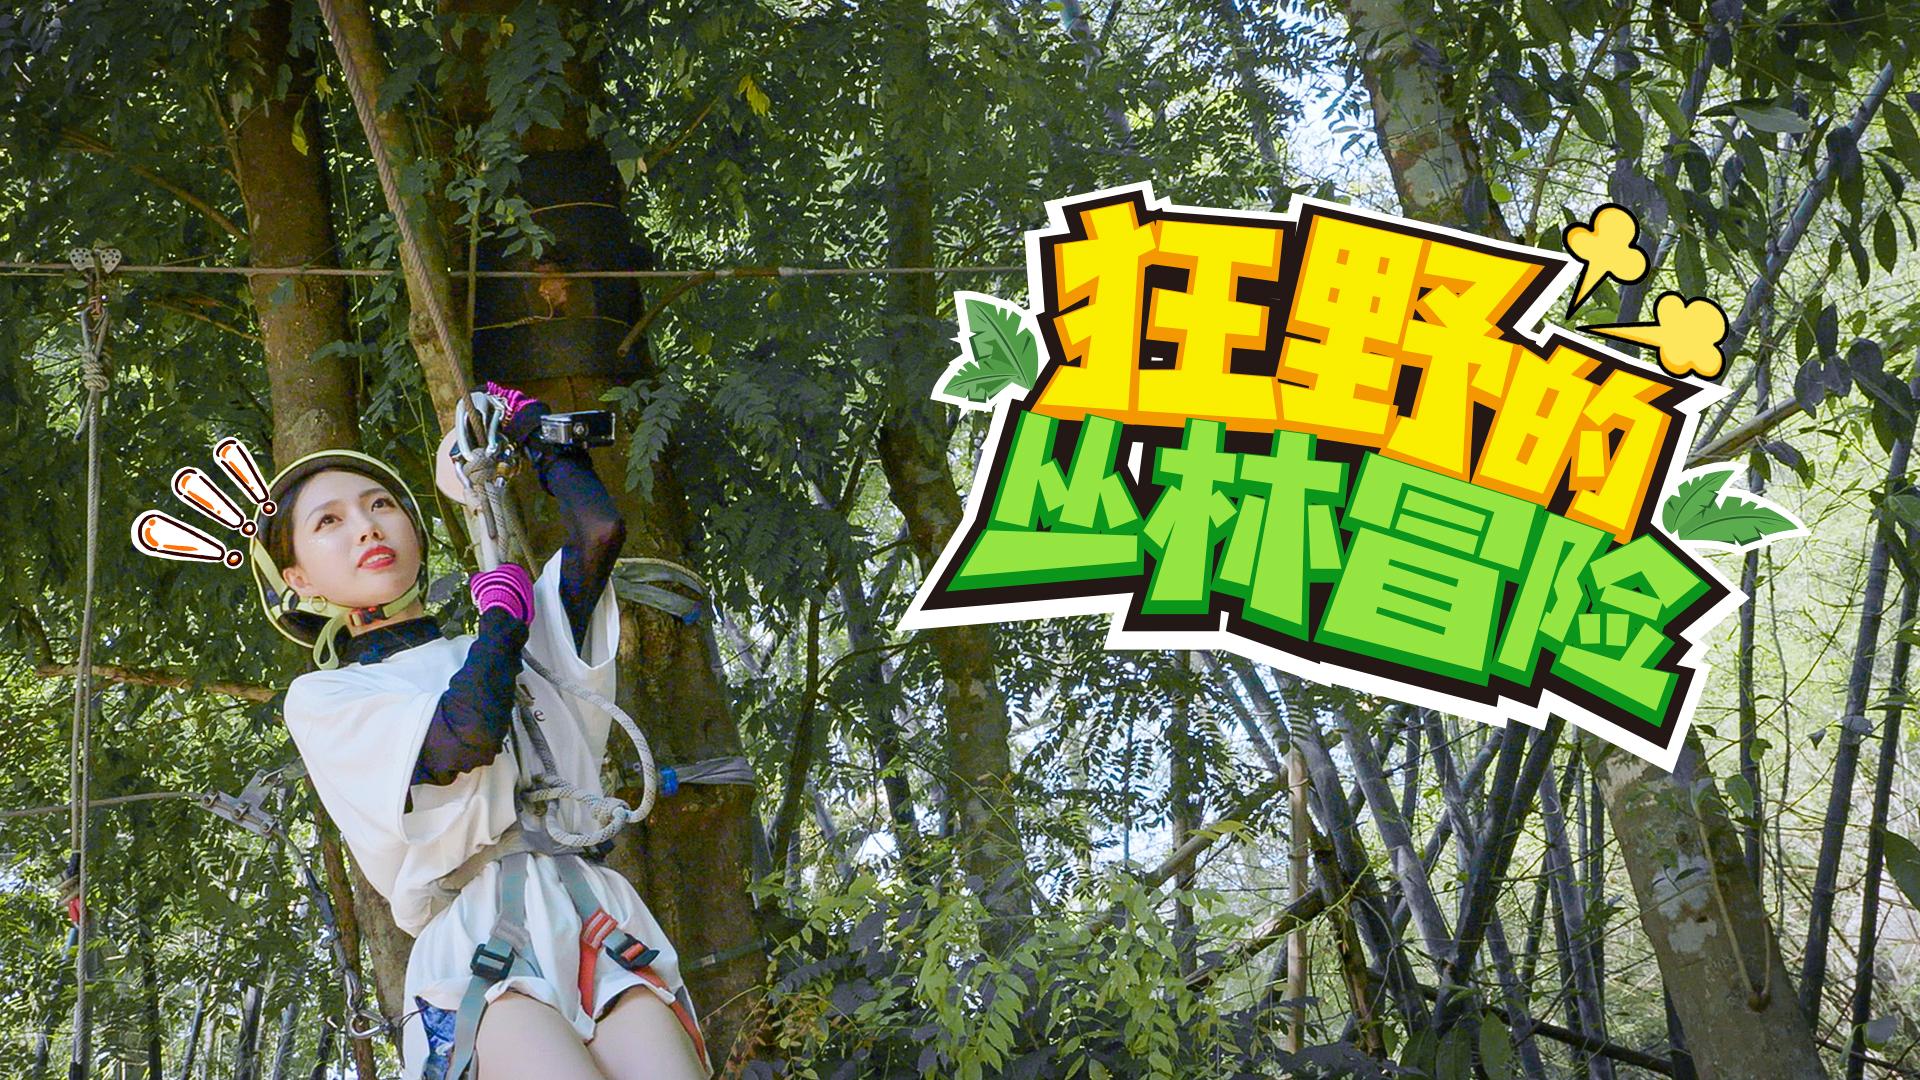 Hi走啦_20190530_超过瘾!美女体验泰国丛林冒险,高空索道好玩到腿软!